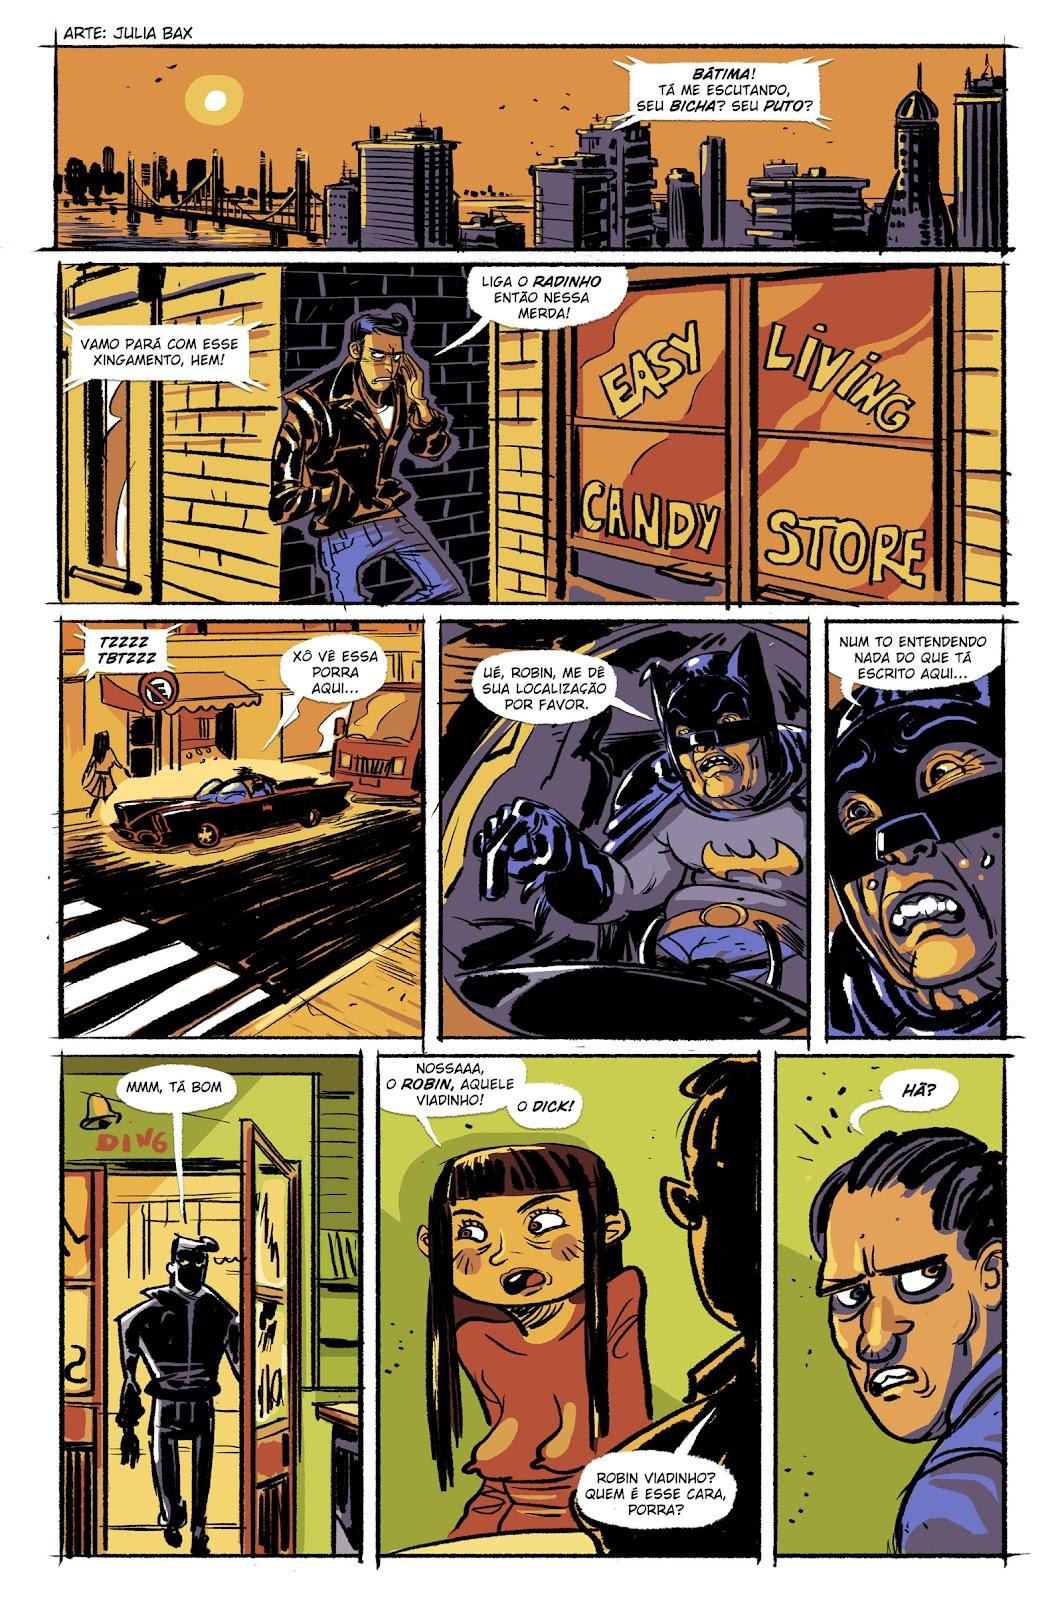 [Tópico Oficial] Batman na Feira da Fruta em Quadrinhos Feira+da+fruta+fruta+8